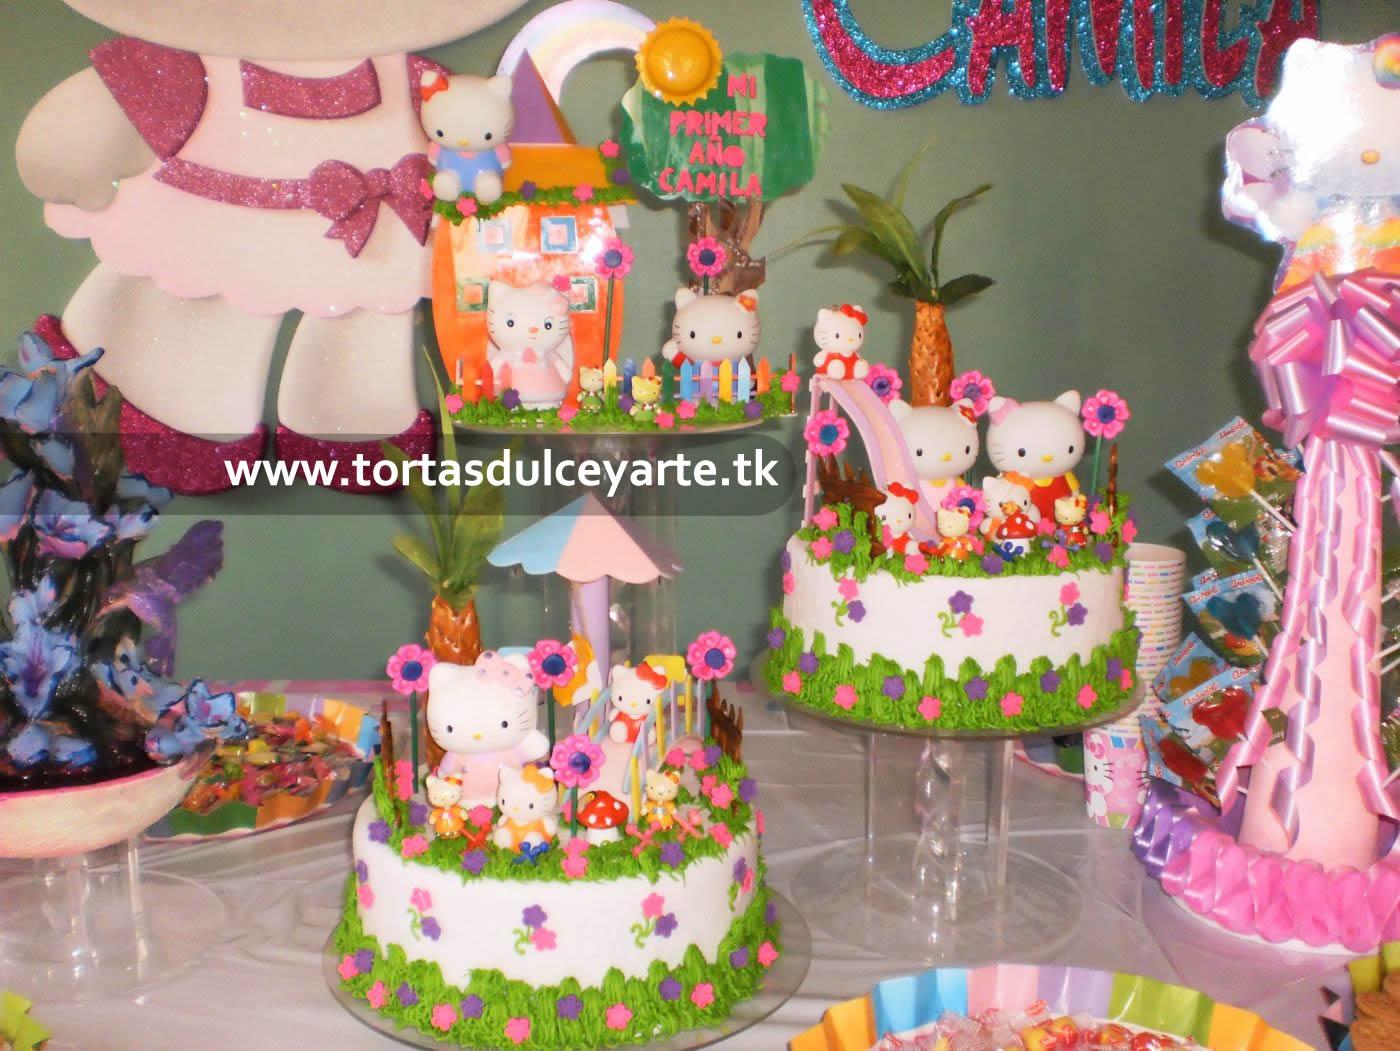 para ver las fotos ampliadas y mucho más modelos de tortas visite